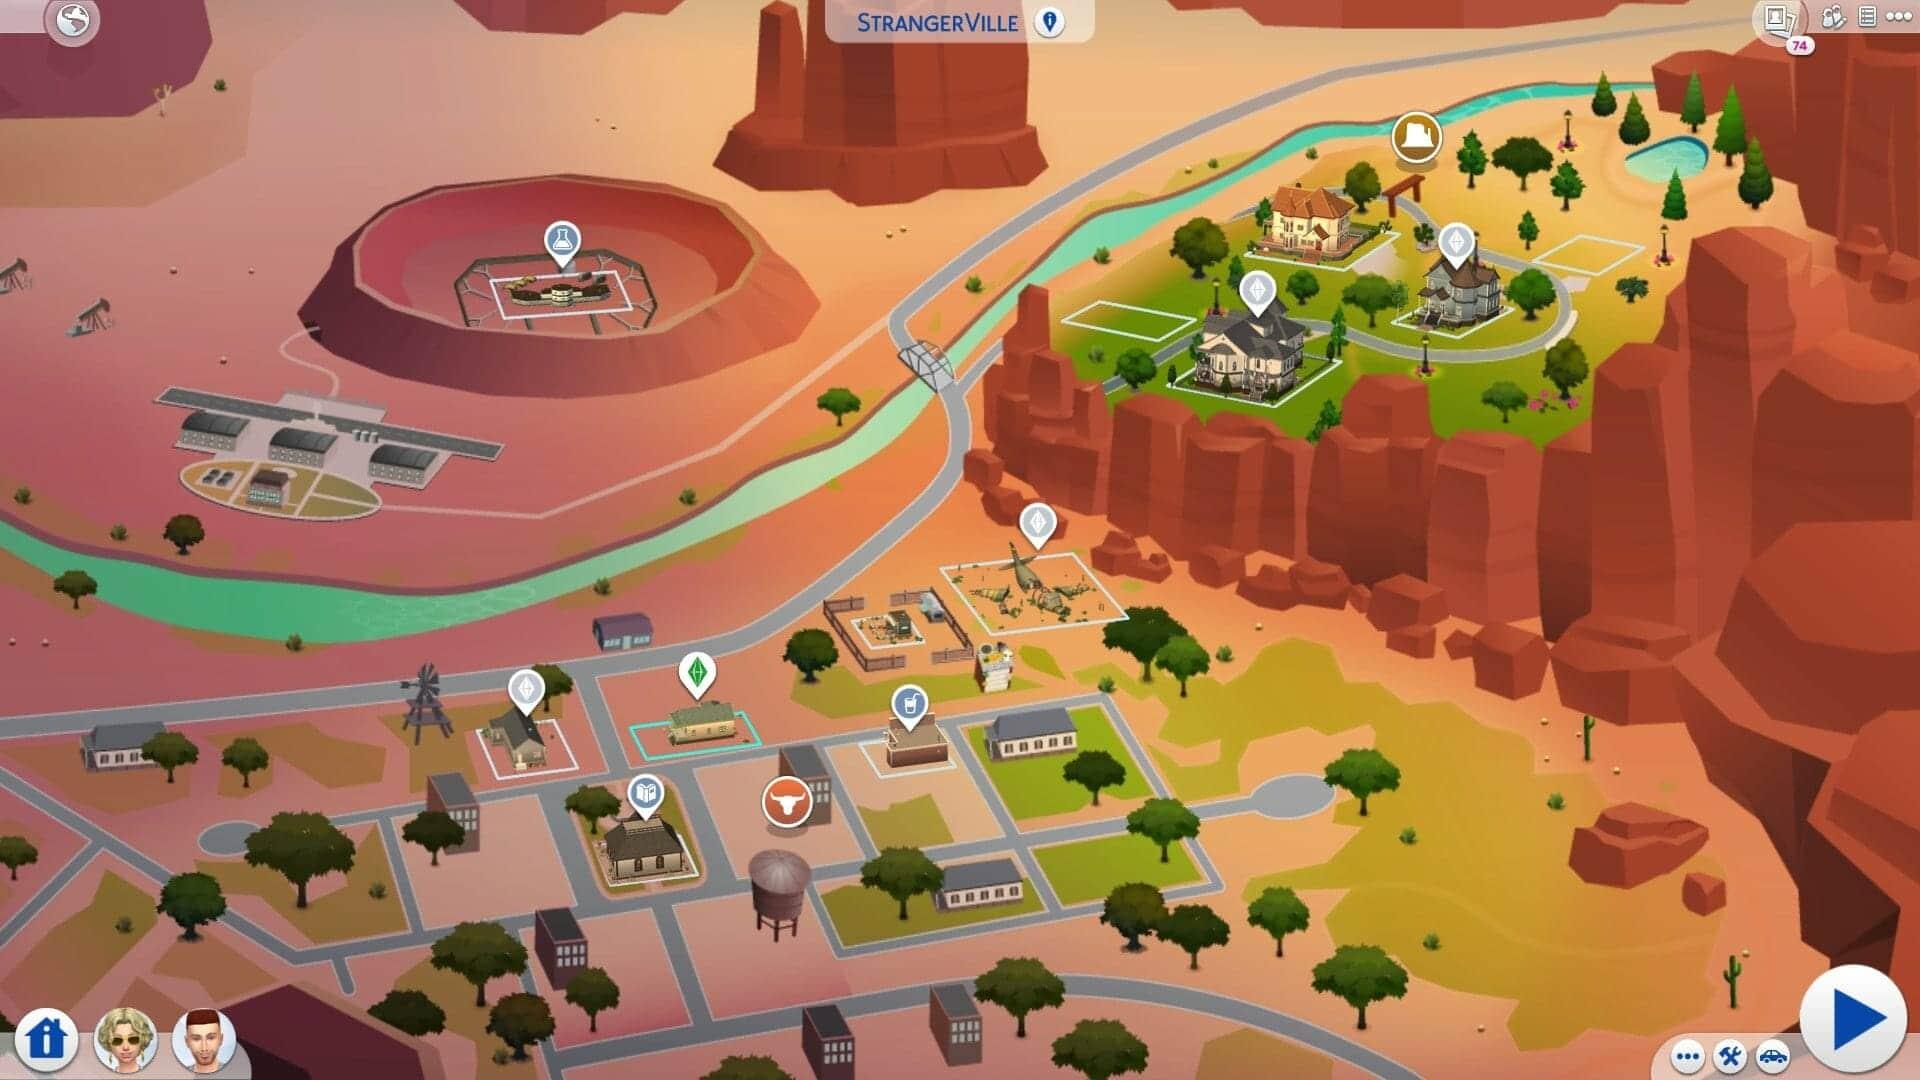 Carte Sims 4 Stranger Ville